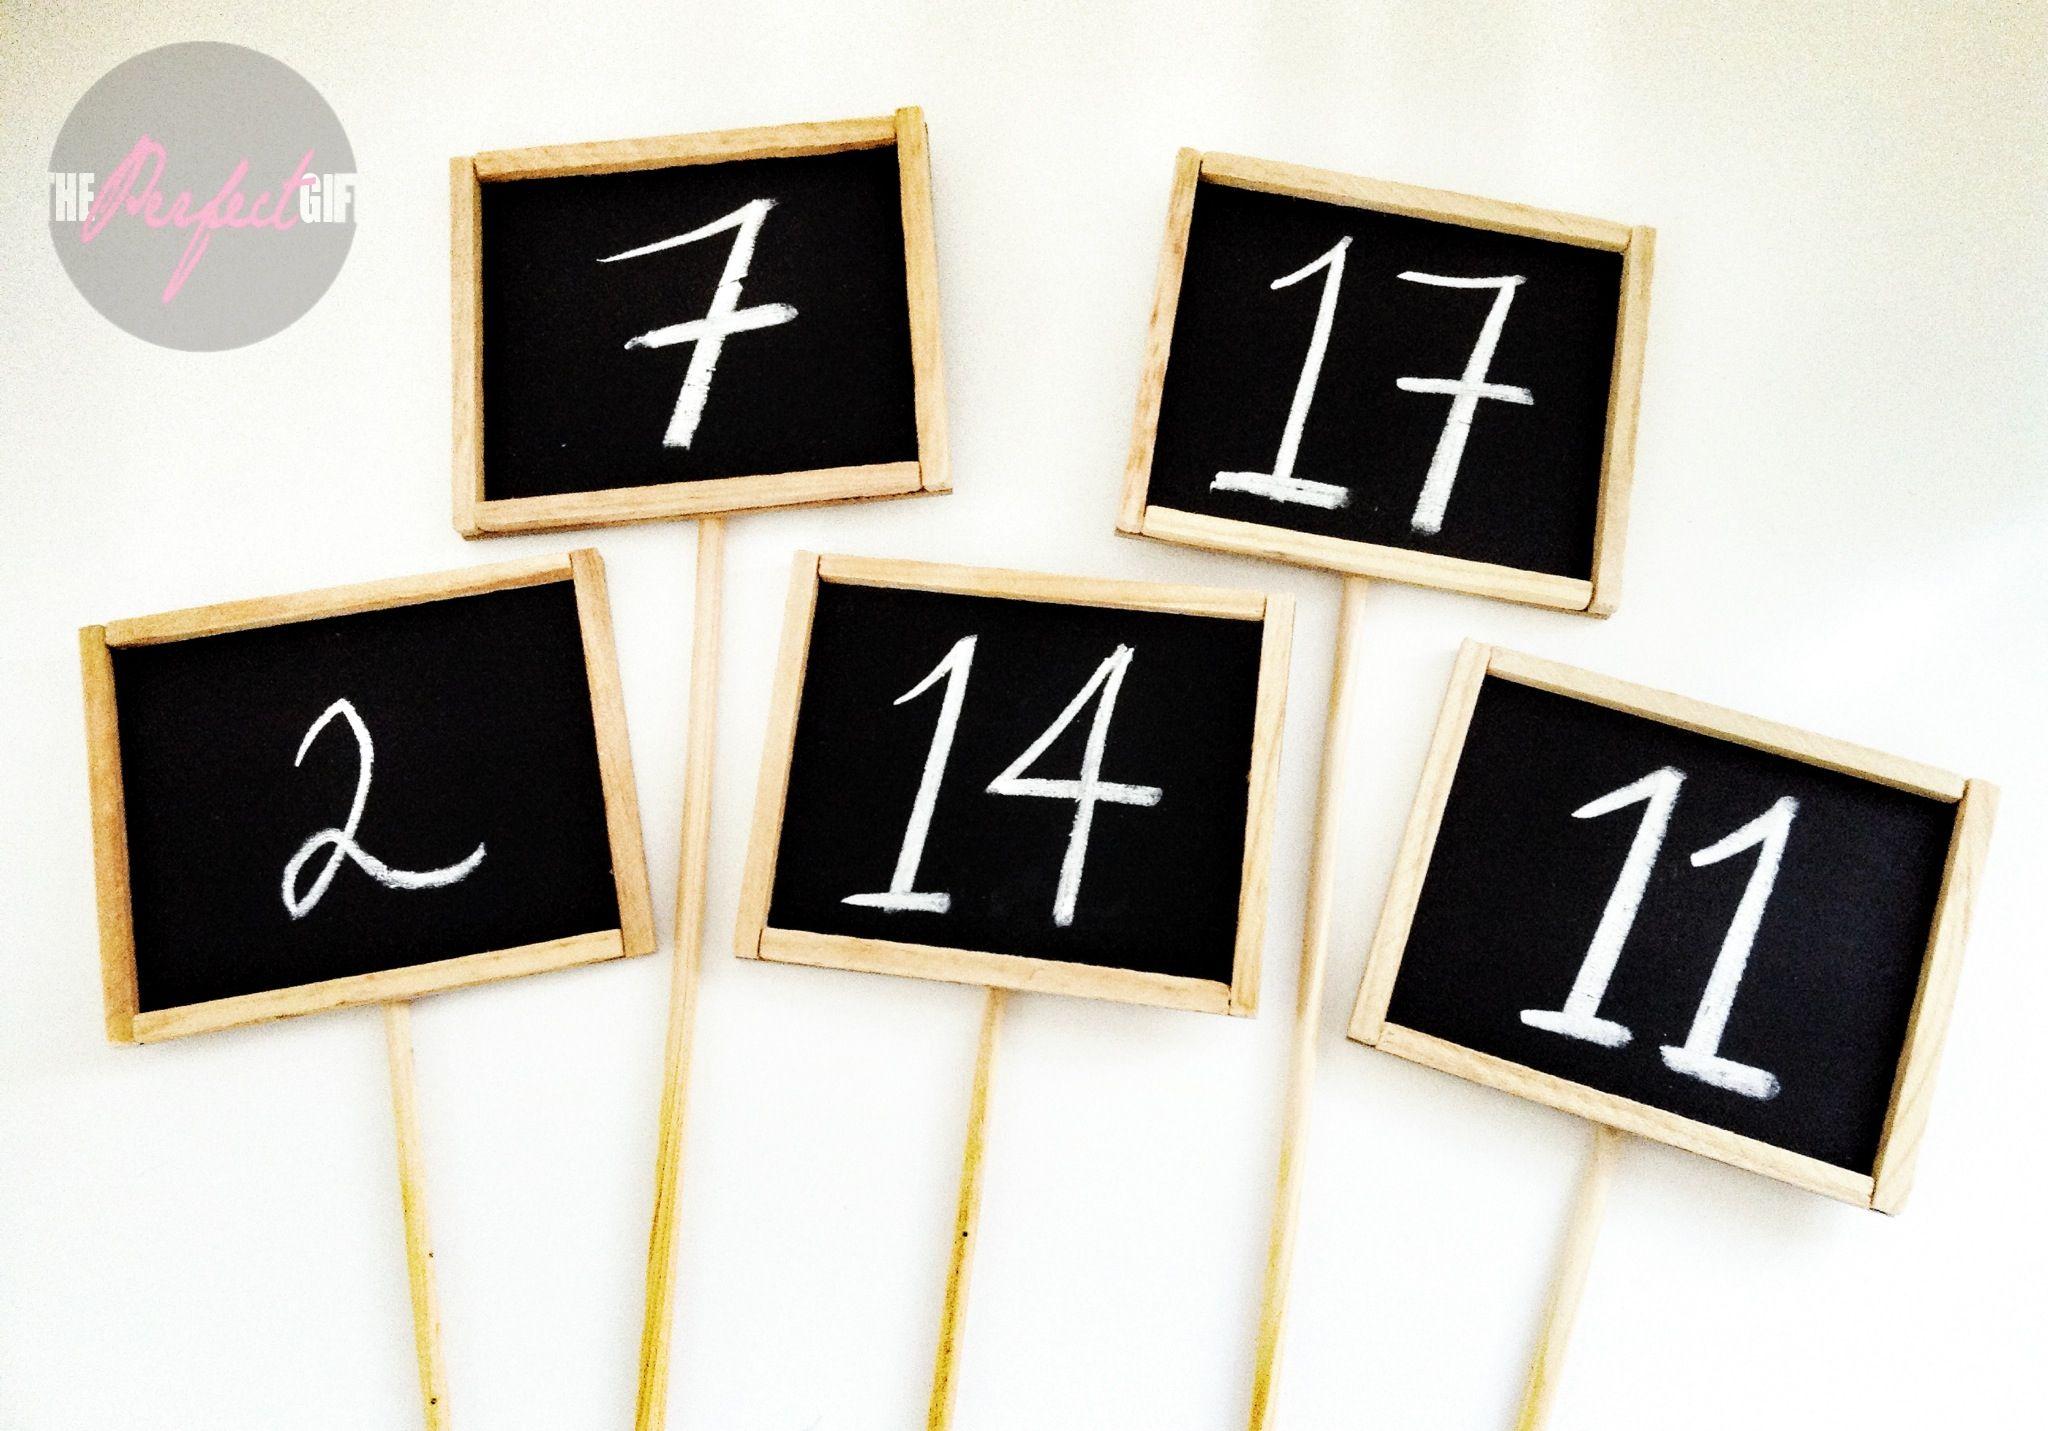 Mini pizarrones para numeración de mesas para boda. Centros de mesa, Recuerdos  de Boda. Vintage. / Mini Chalkboard for table numbers, wedding. Por The Perfect Gift & Decor. thperfectgif.info@gmail.com